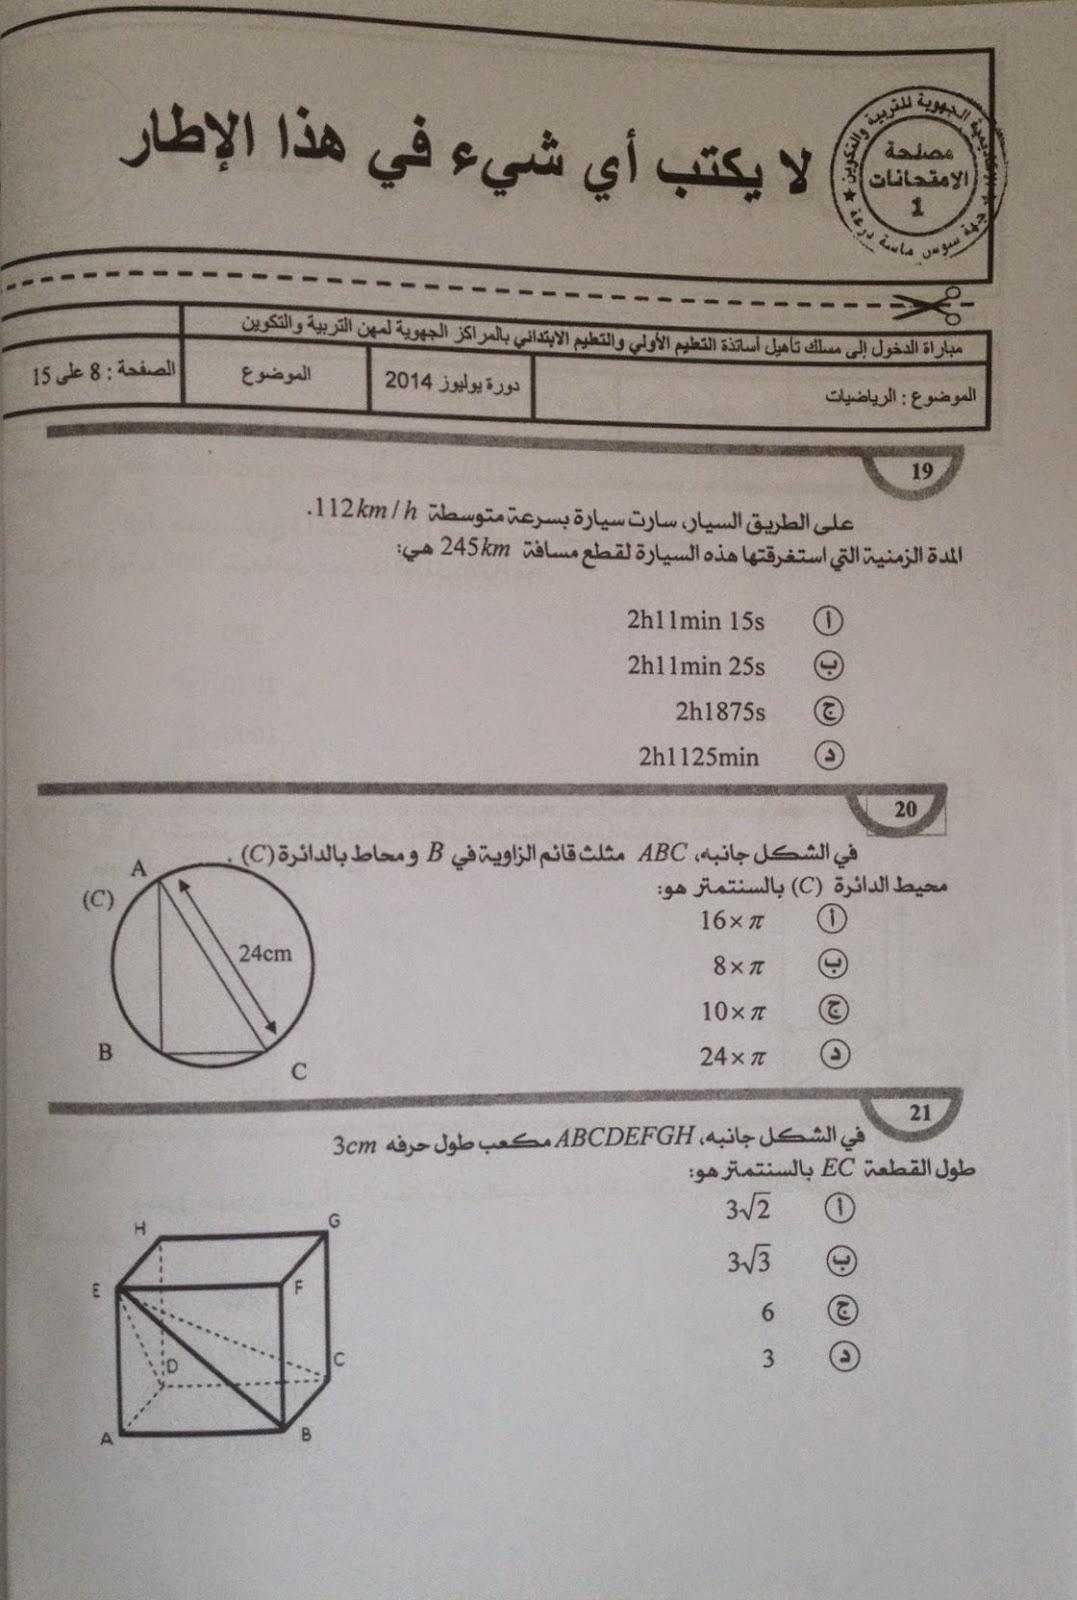 الاختبار الكتابي لولوج المراكز الجهوية للسلك الابتدائي دورة يوليوز 2014- مادة الرياضيات  Nouveau%2Bdocument%2B2_18